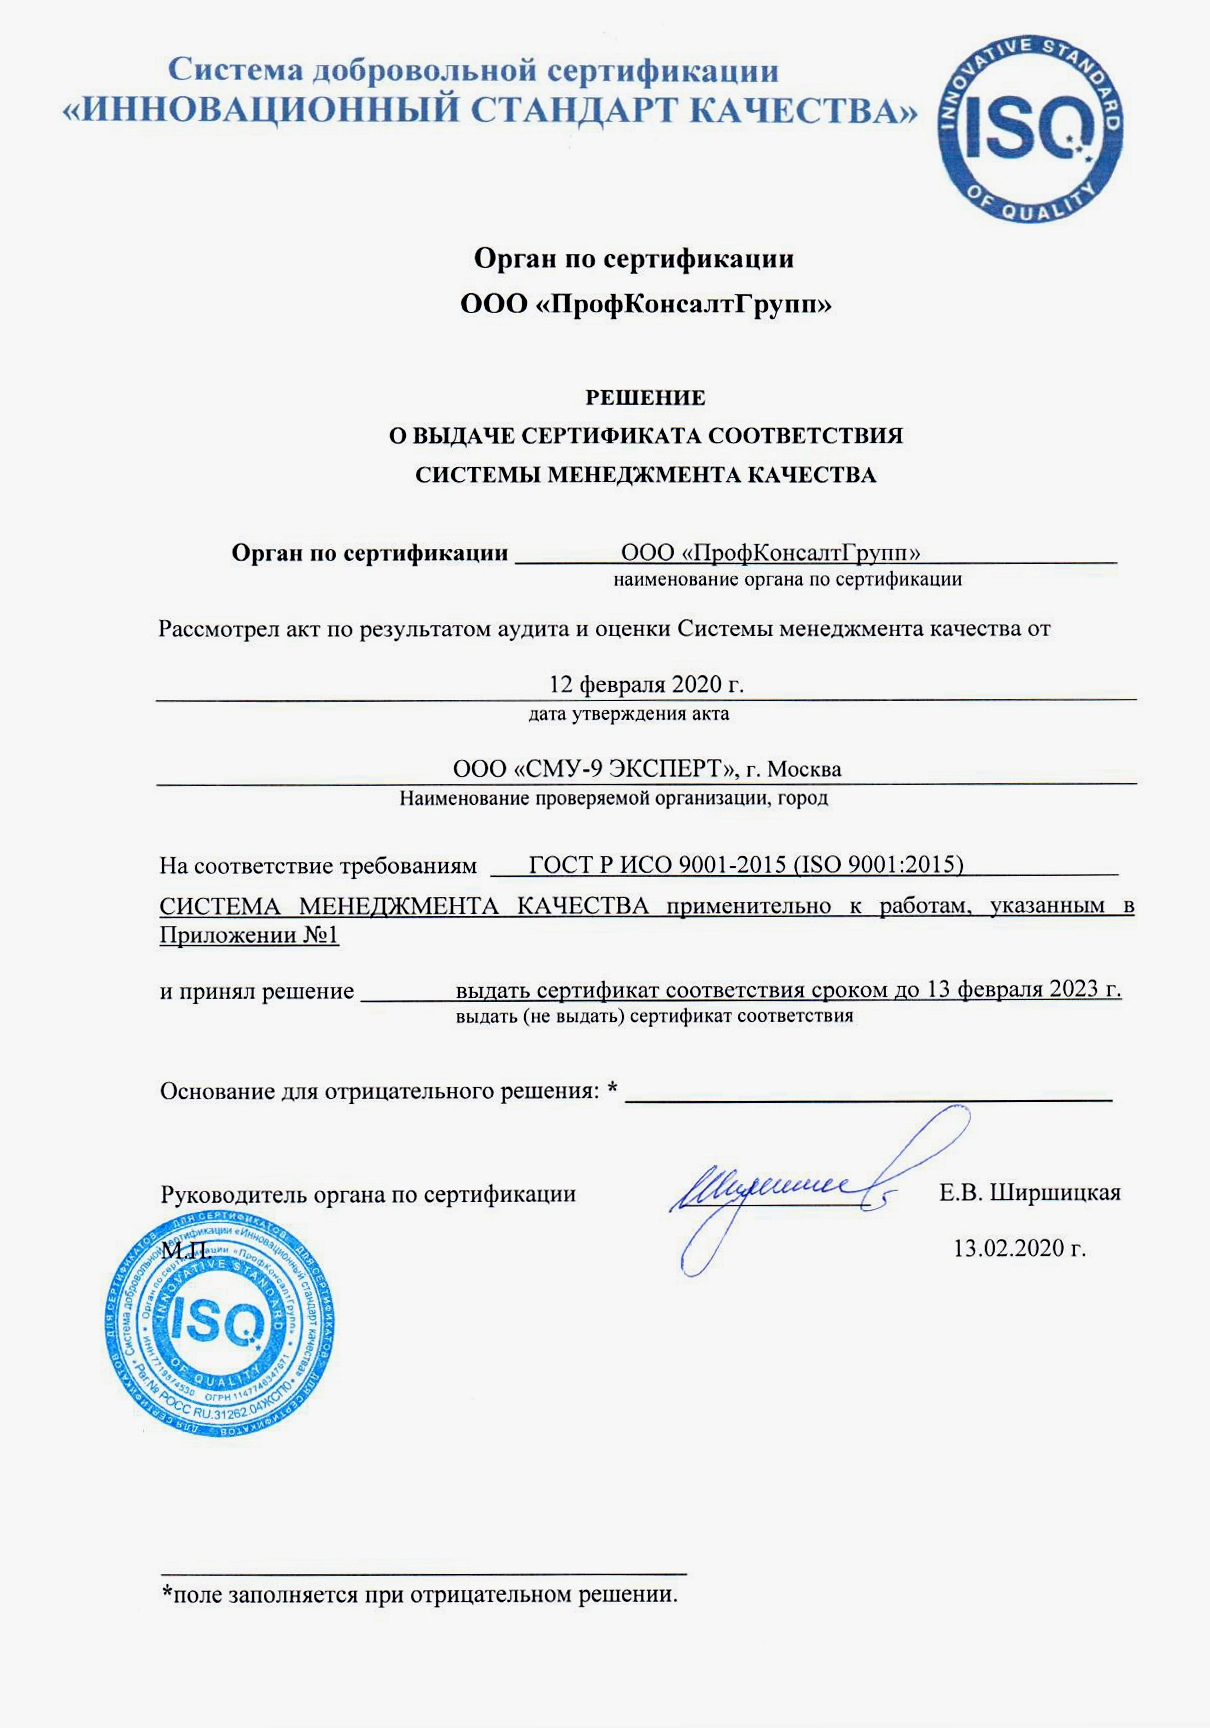 Скан ИСО 9001 ООО СМУ-9 ЭКСПЕРТ_Страница_3